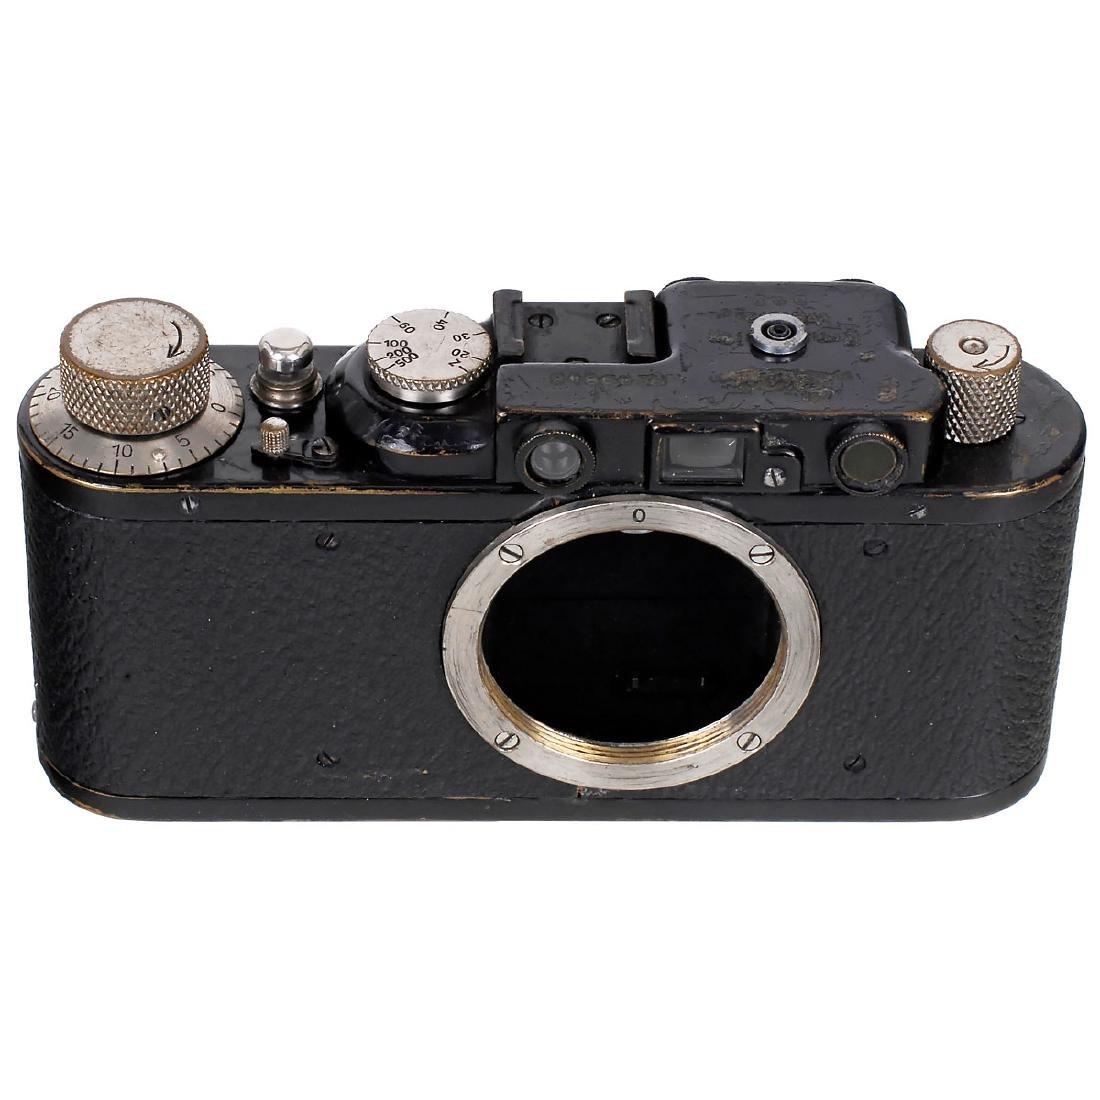 Leica II, IIIc and IIIf - 4